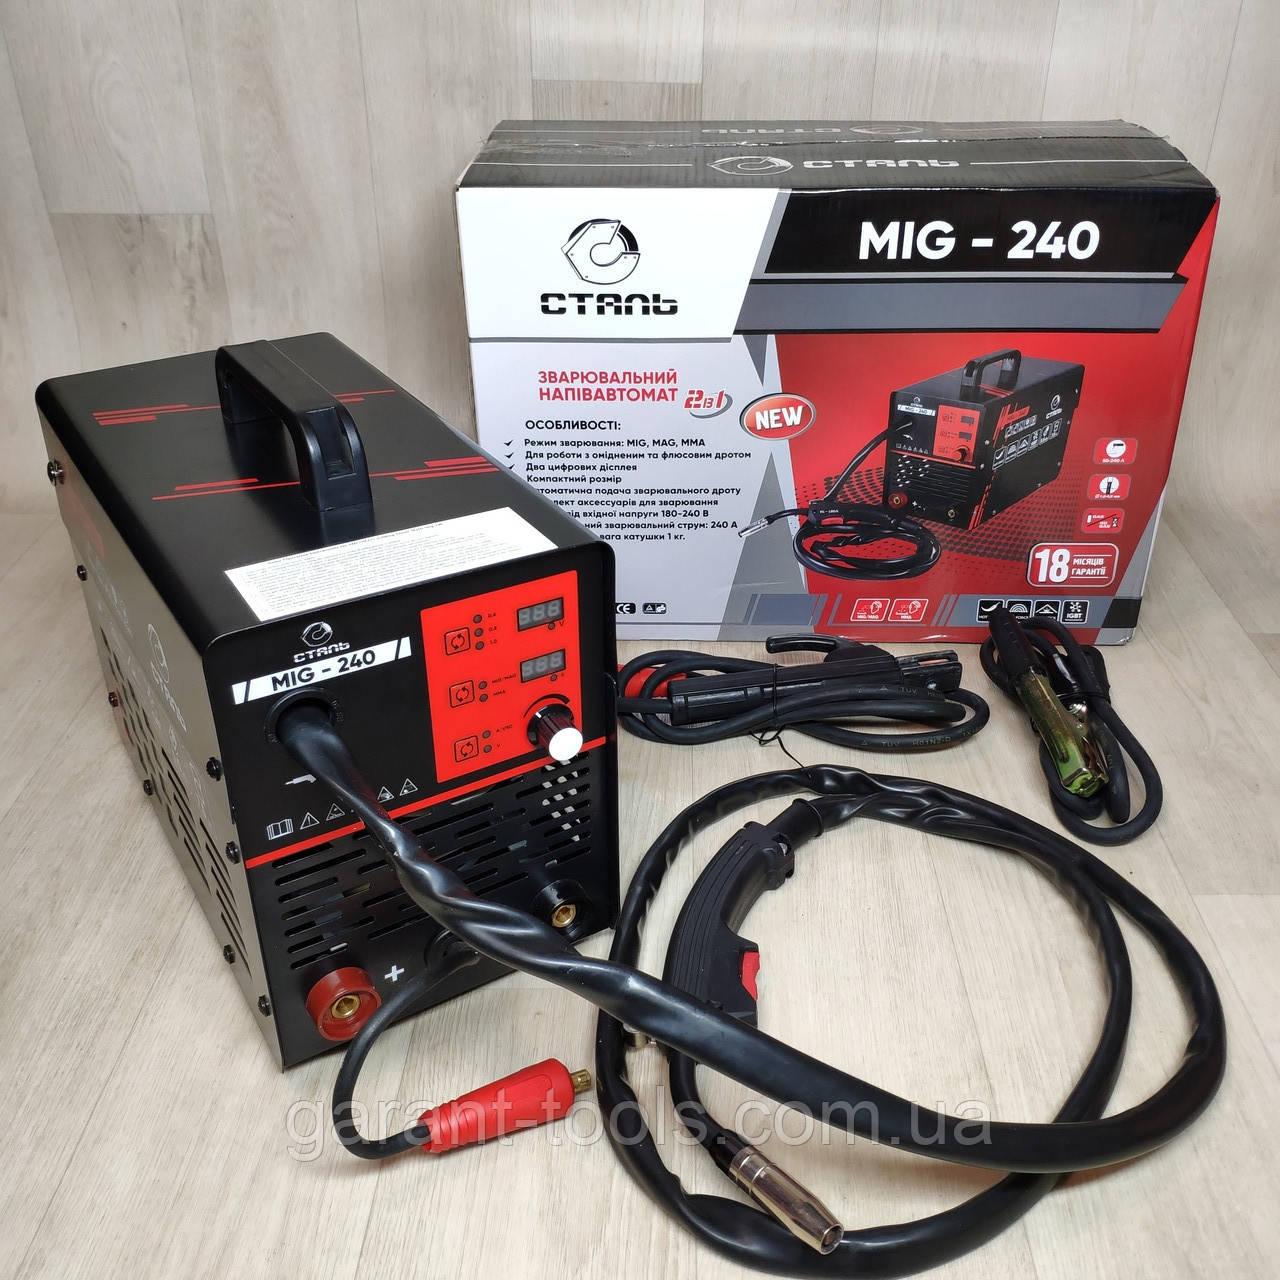 Зварювальний напівавтомат інверторного типу Сталь MIG-240